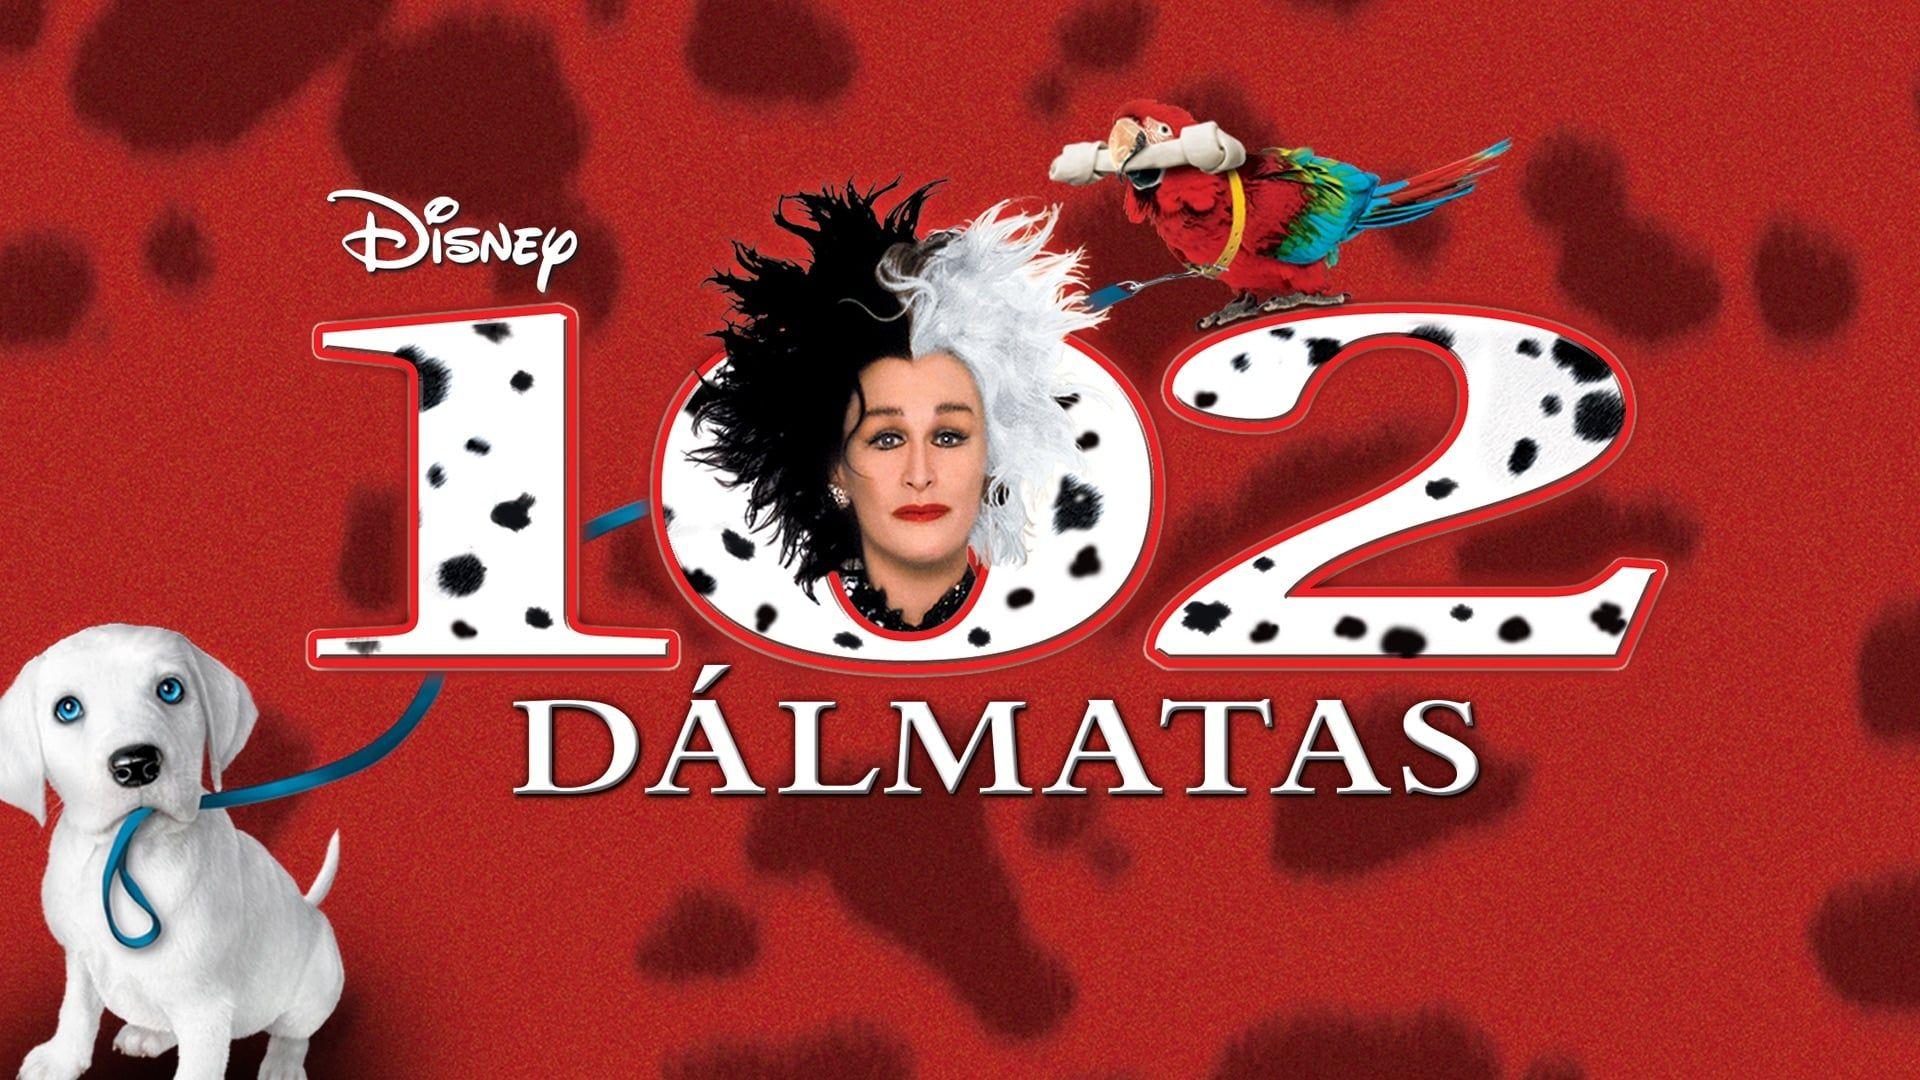 Szornyella De Frasz Glenn Close Mint Elhivatott Allatbarat A Hosszu Bortonevek Mely Nyomot Hagytak Szornyella Eleteben Disney Dalmatian Free Movies Online